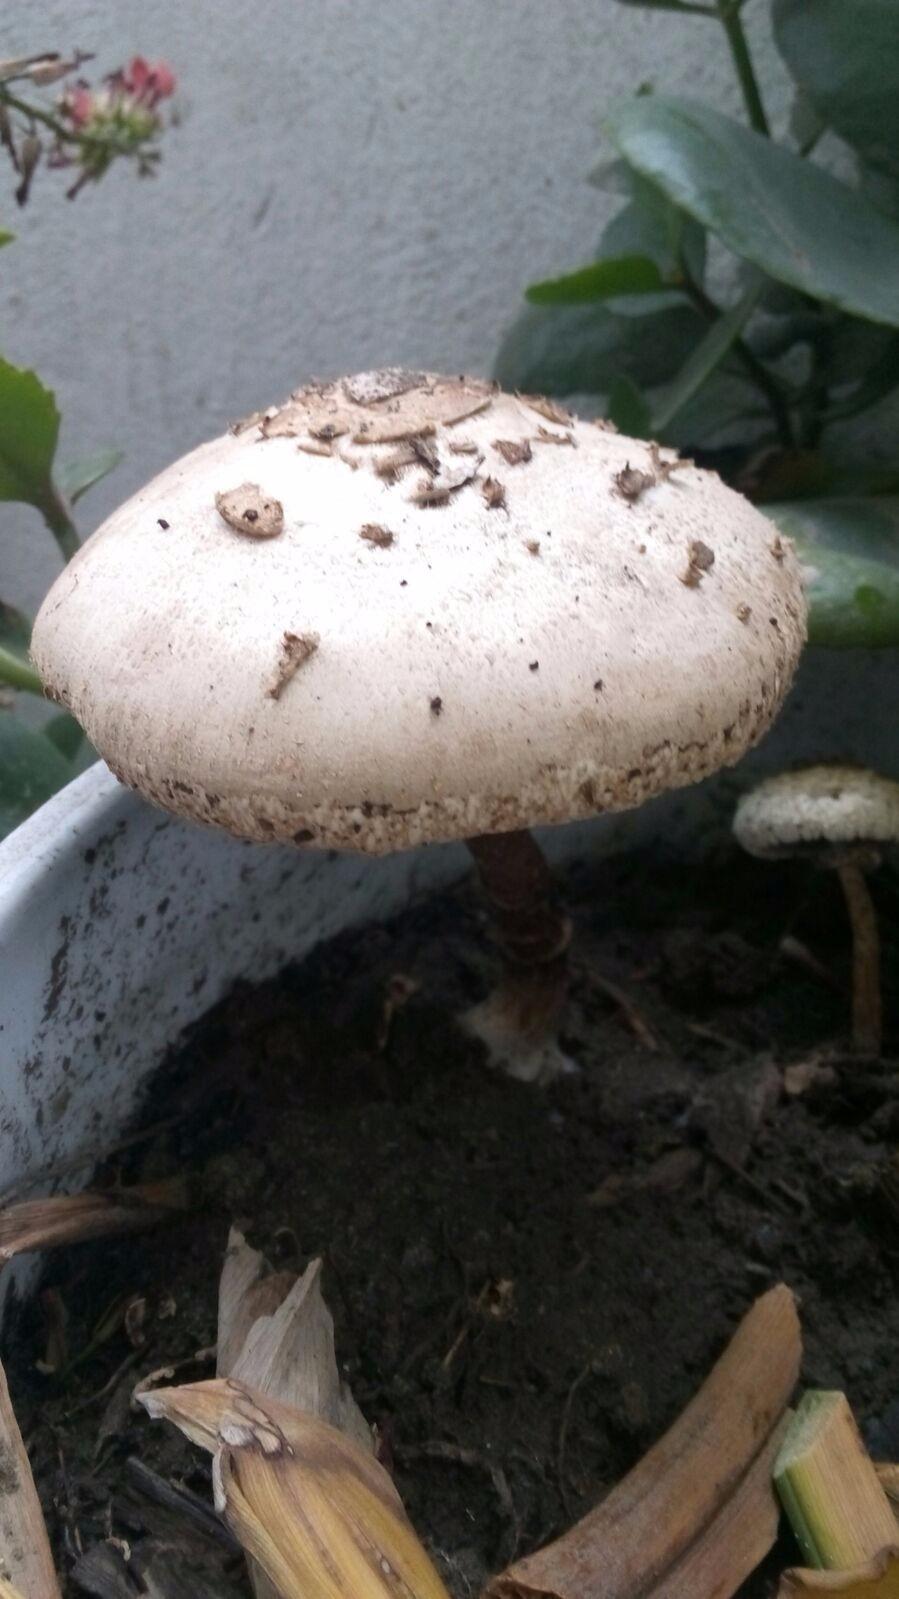 Alguien sabe qué especie de hongo es este?